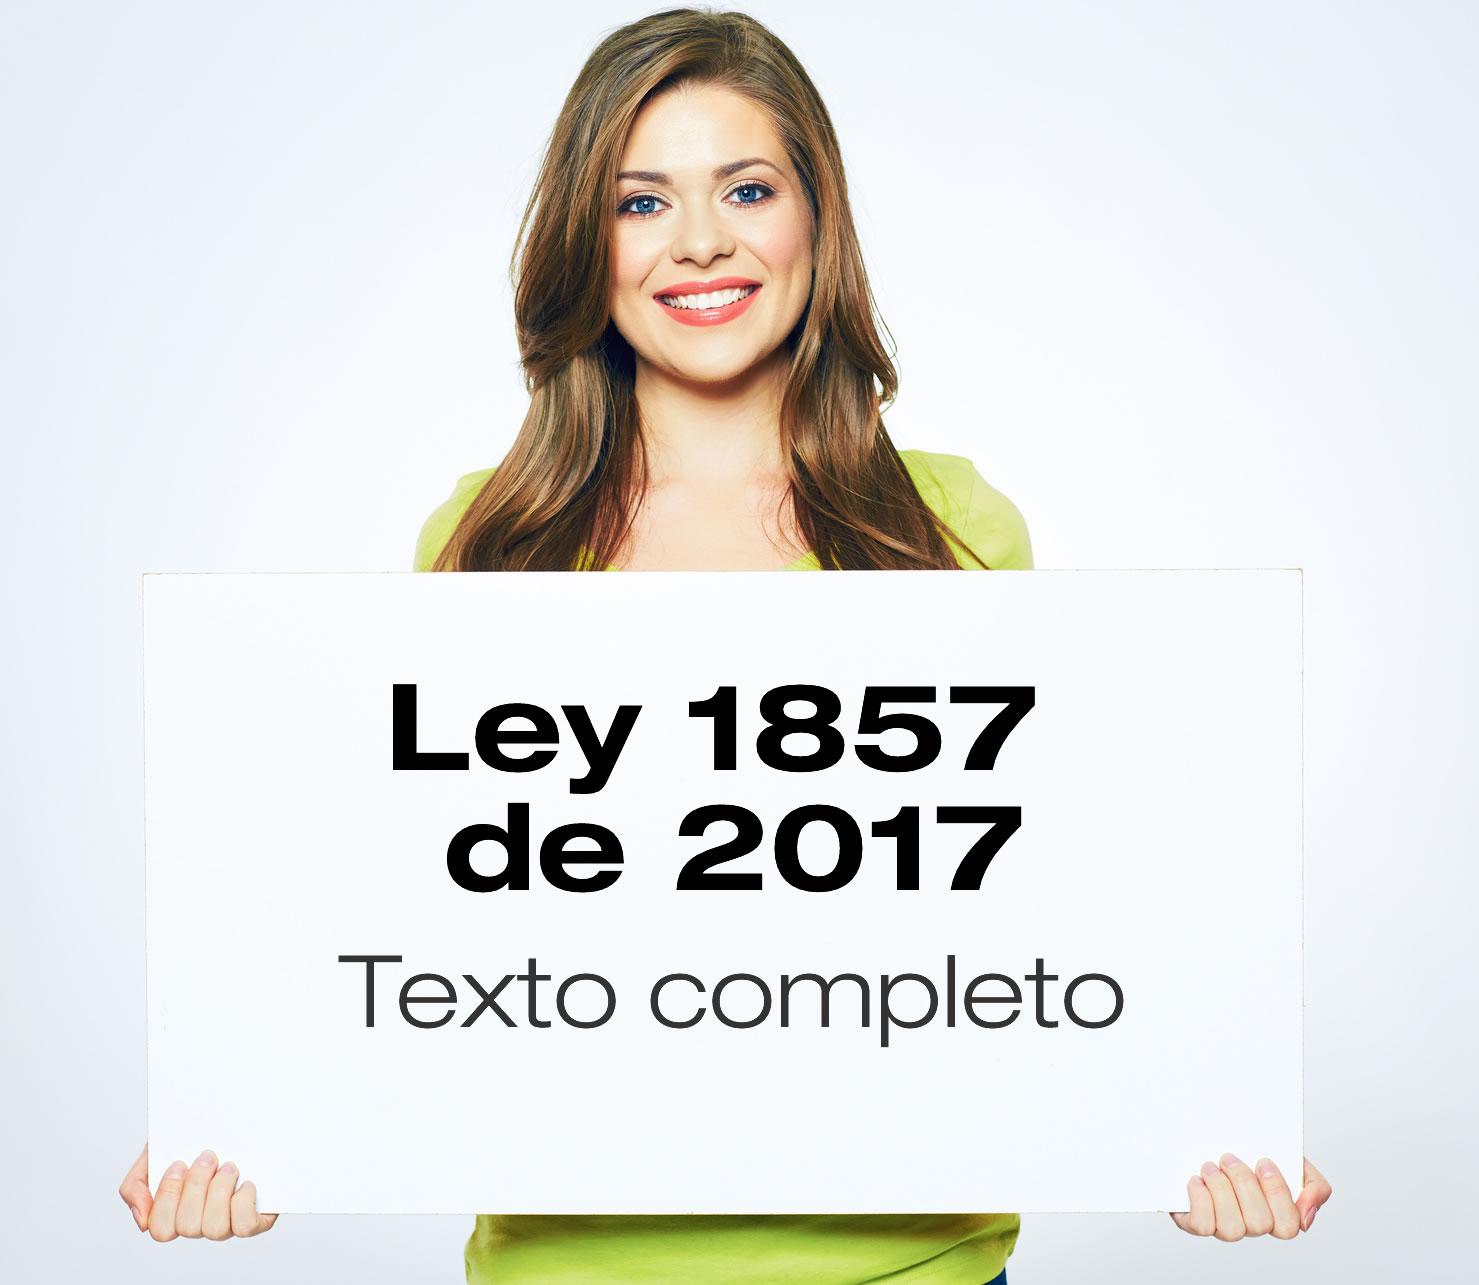 Ley 1857 de 2017